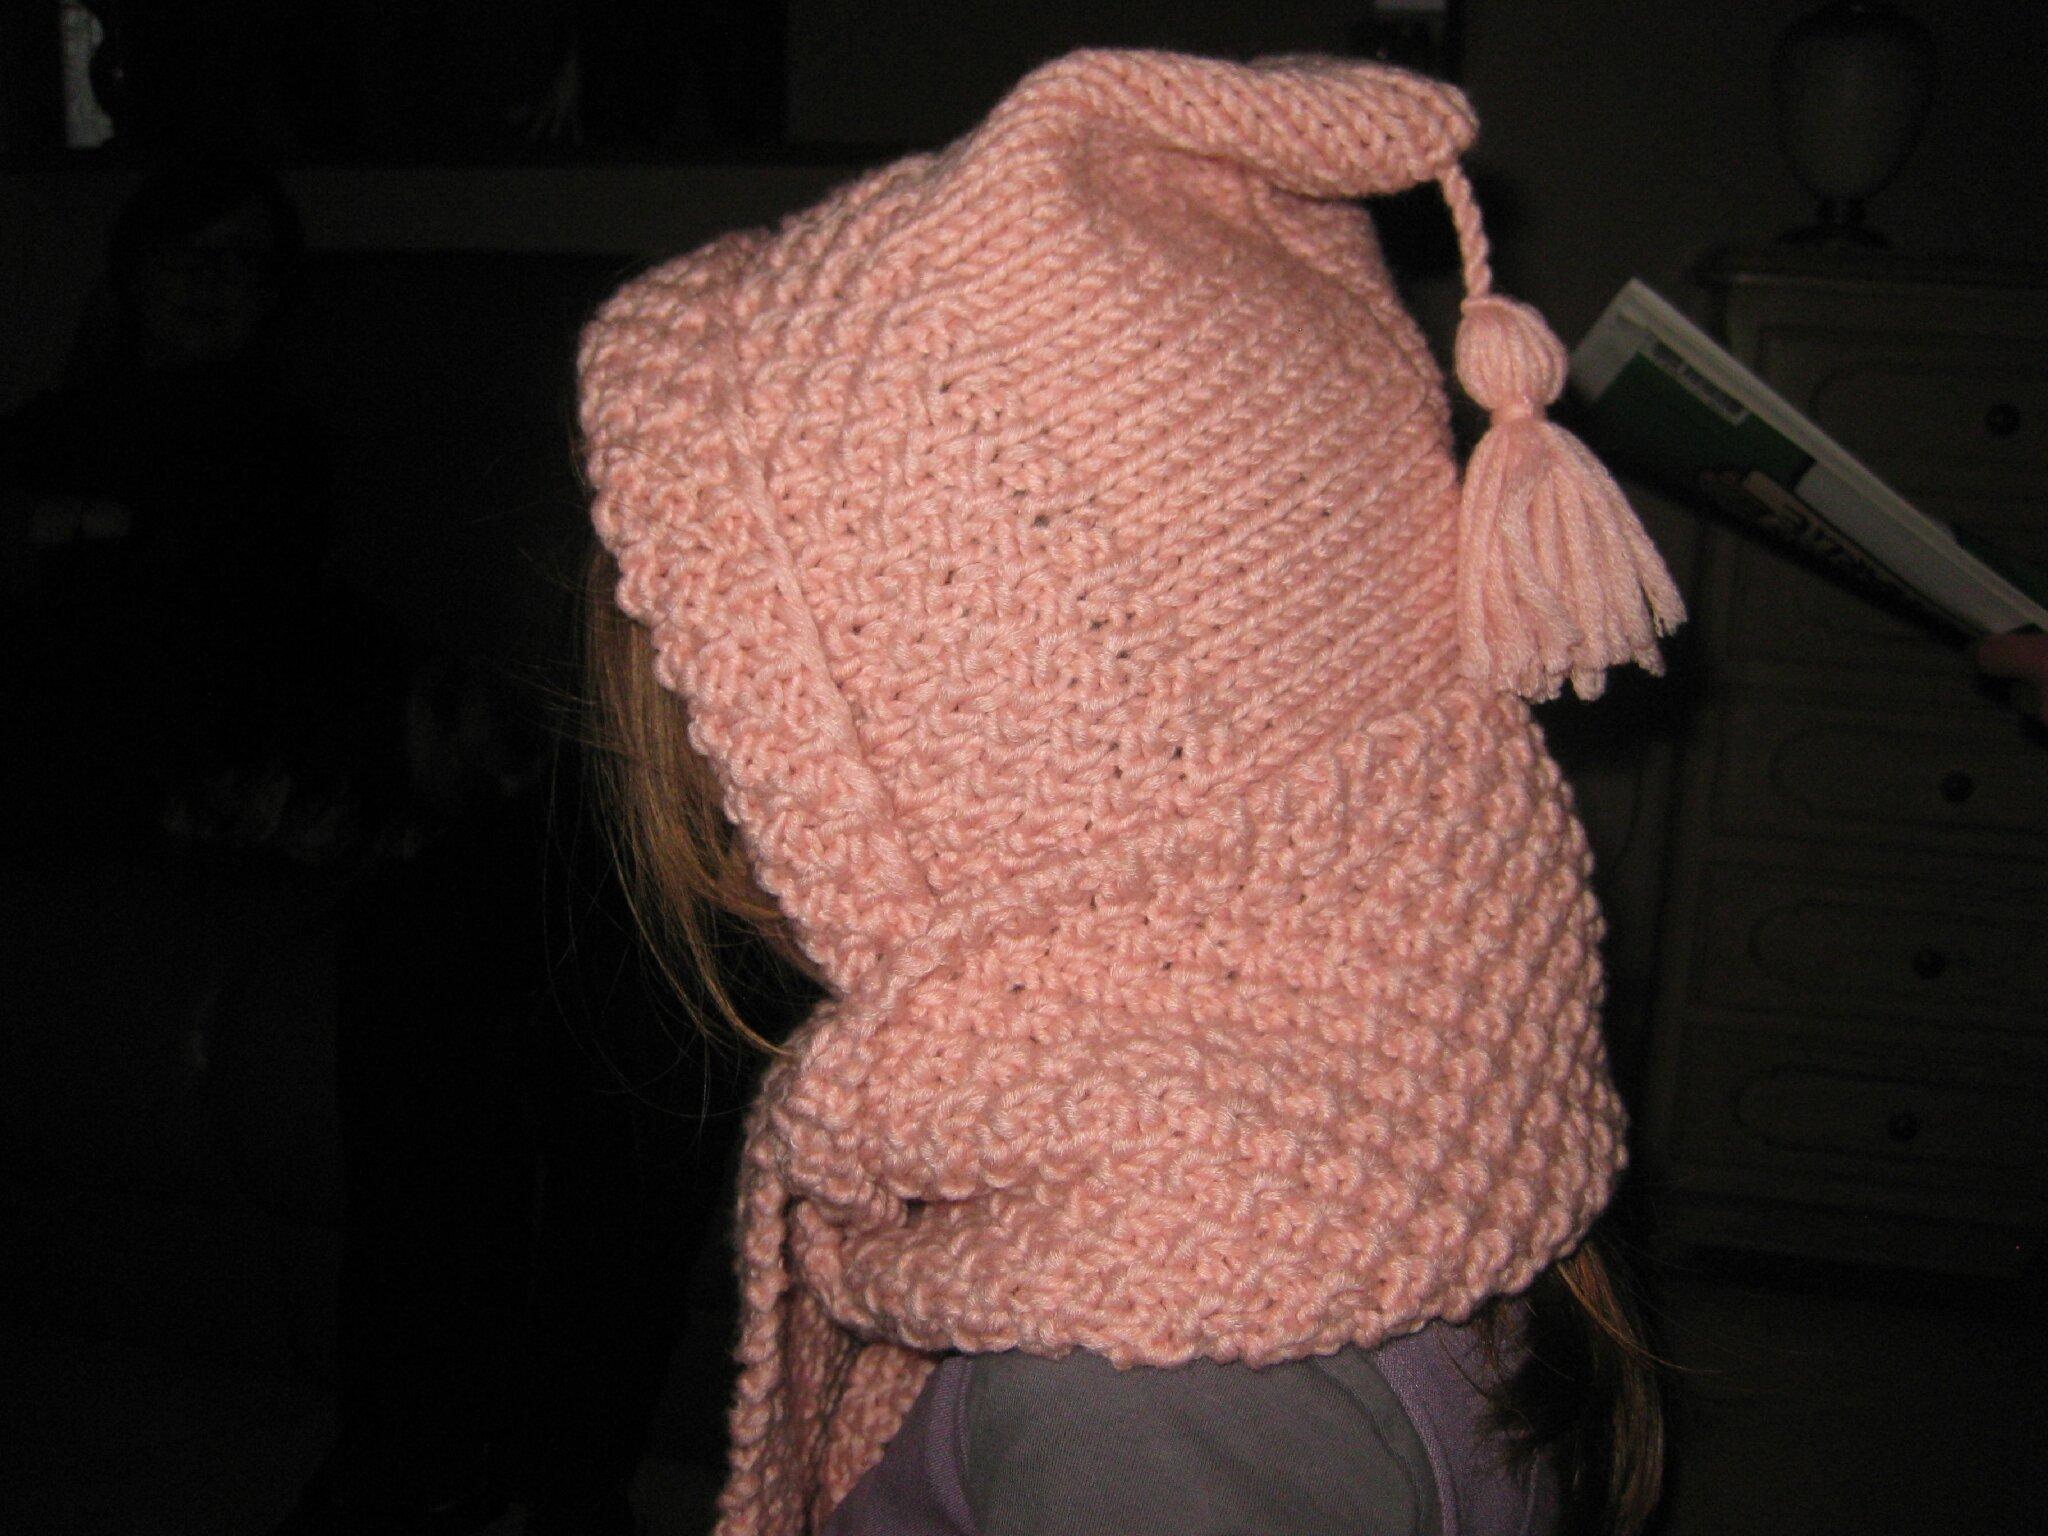 Tuto echarpe capuche tricot - altoservices b890466ffe3